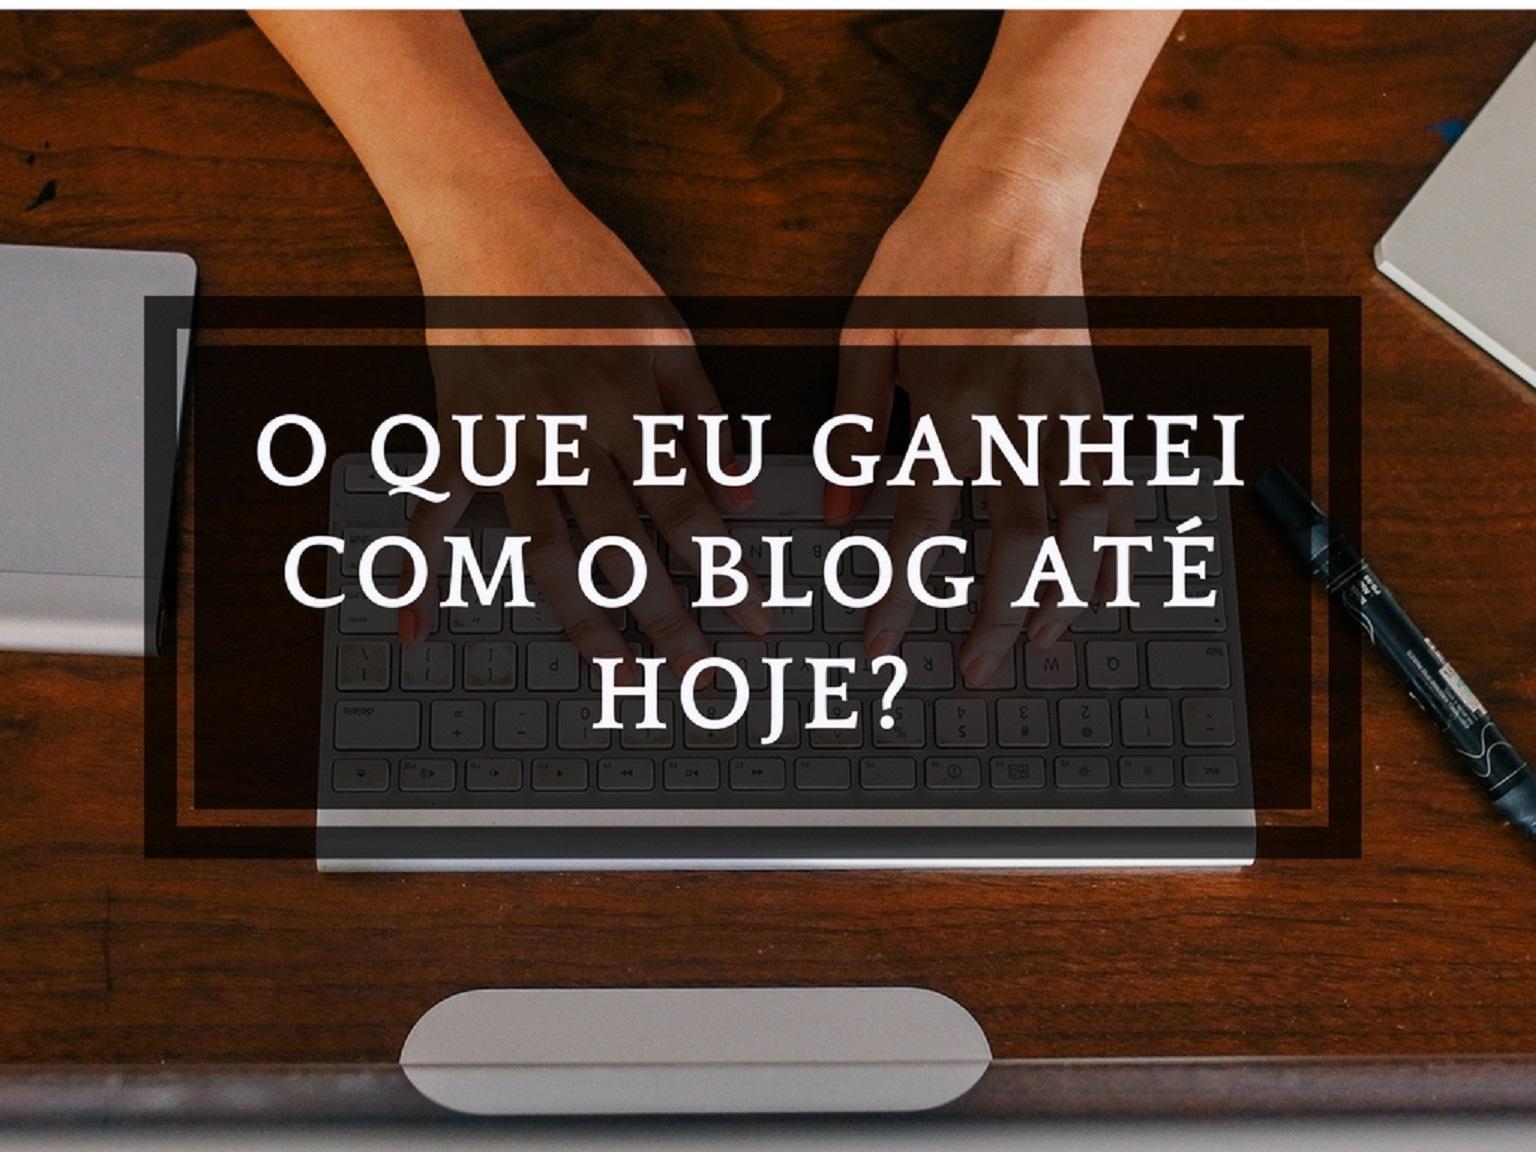 Quanto custa um blog?